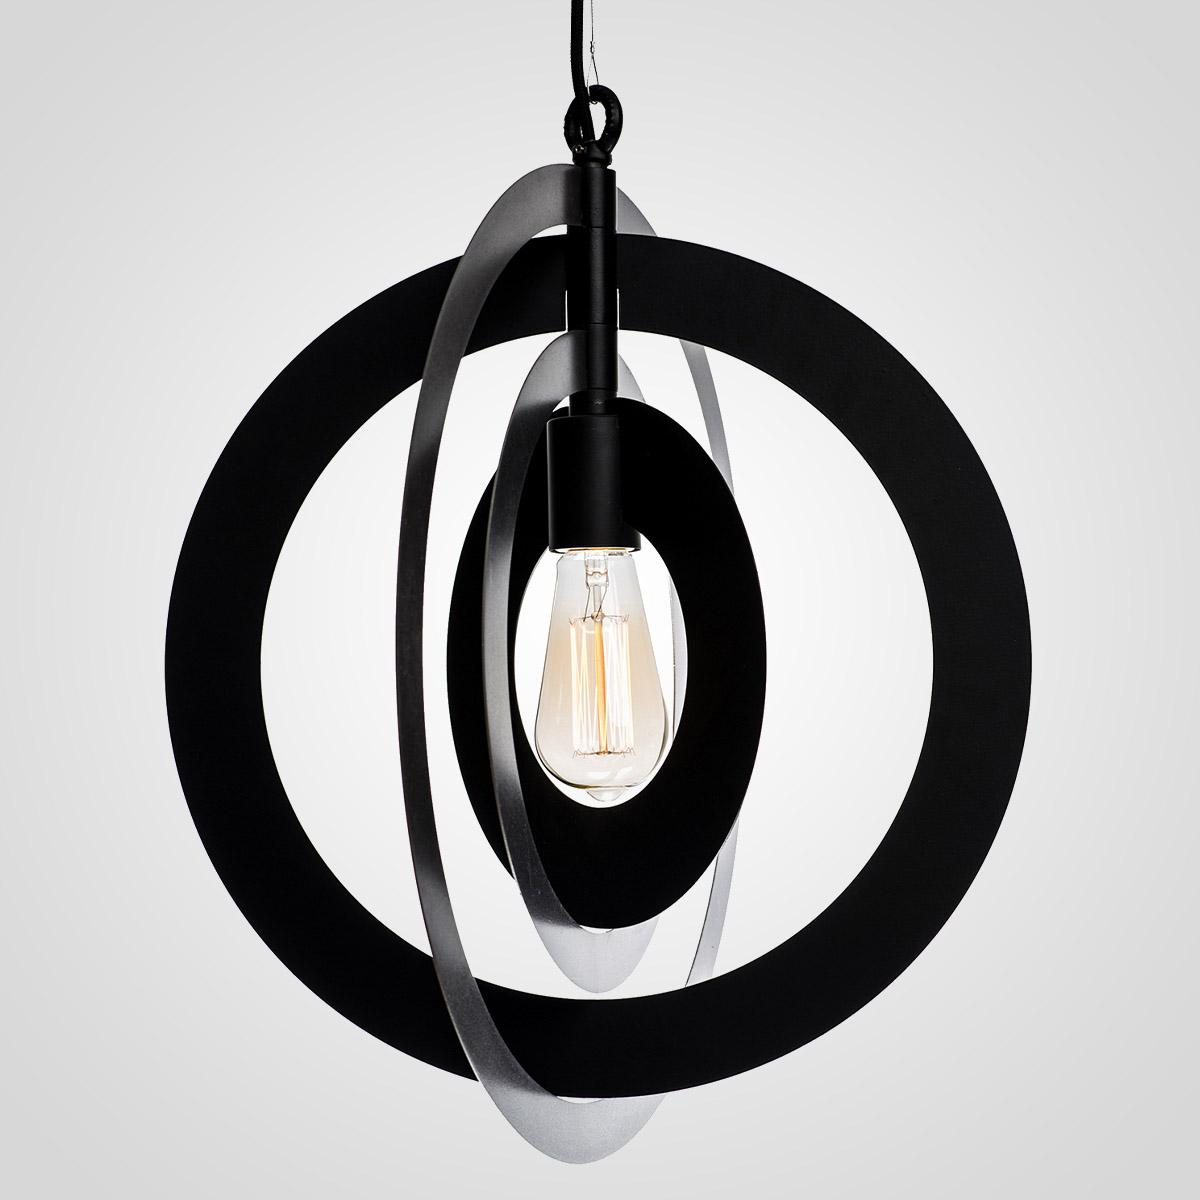 Потолочный светильник System Lamp серый